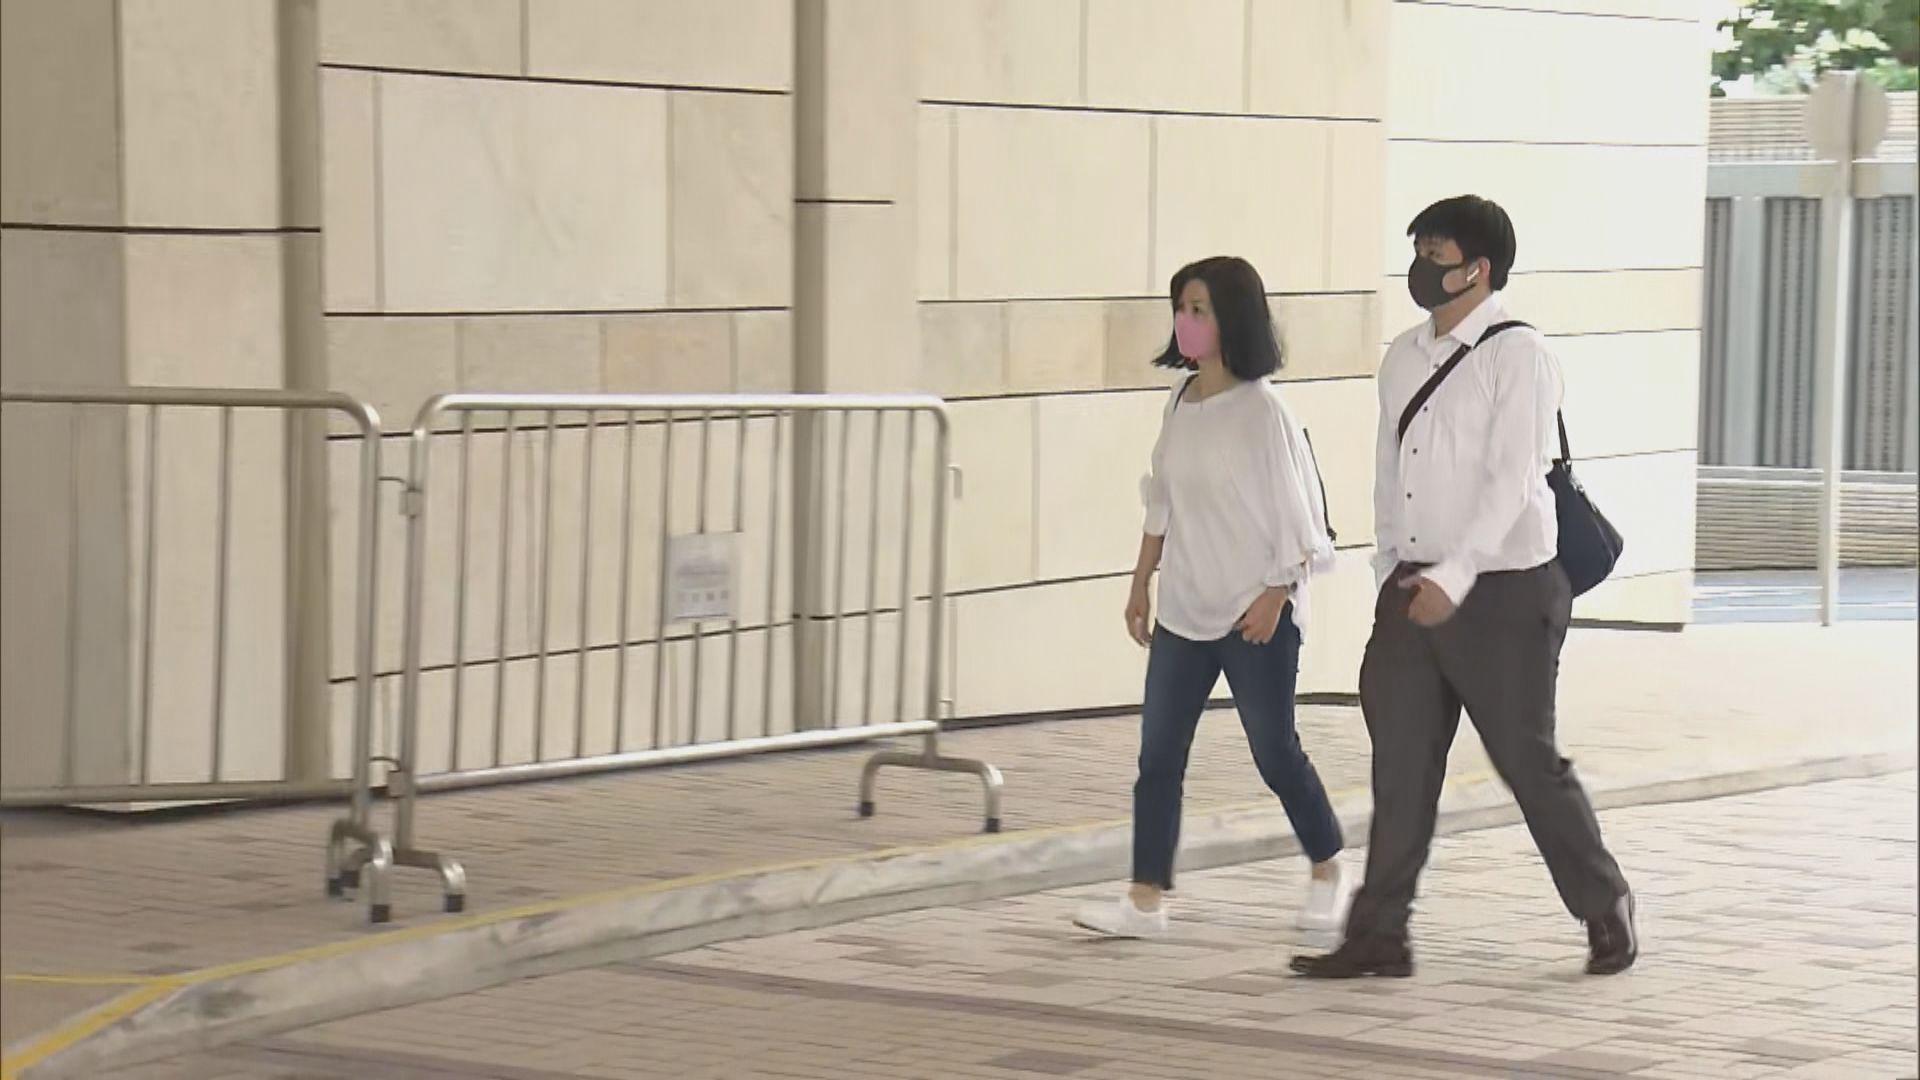 728中上環示威 17人被控暴動交區院審理